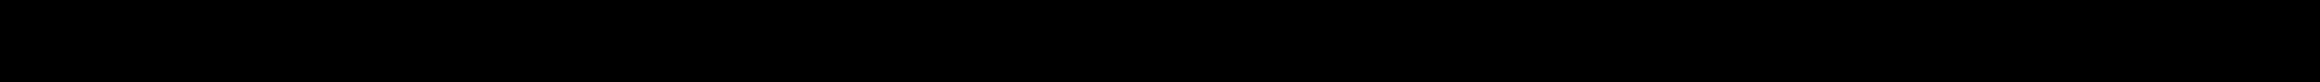 CHAMPION COF100165S, 441.07019.193.6, 441070191936 Ölfilter